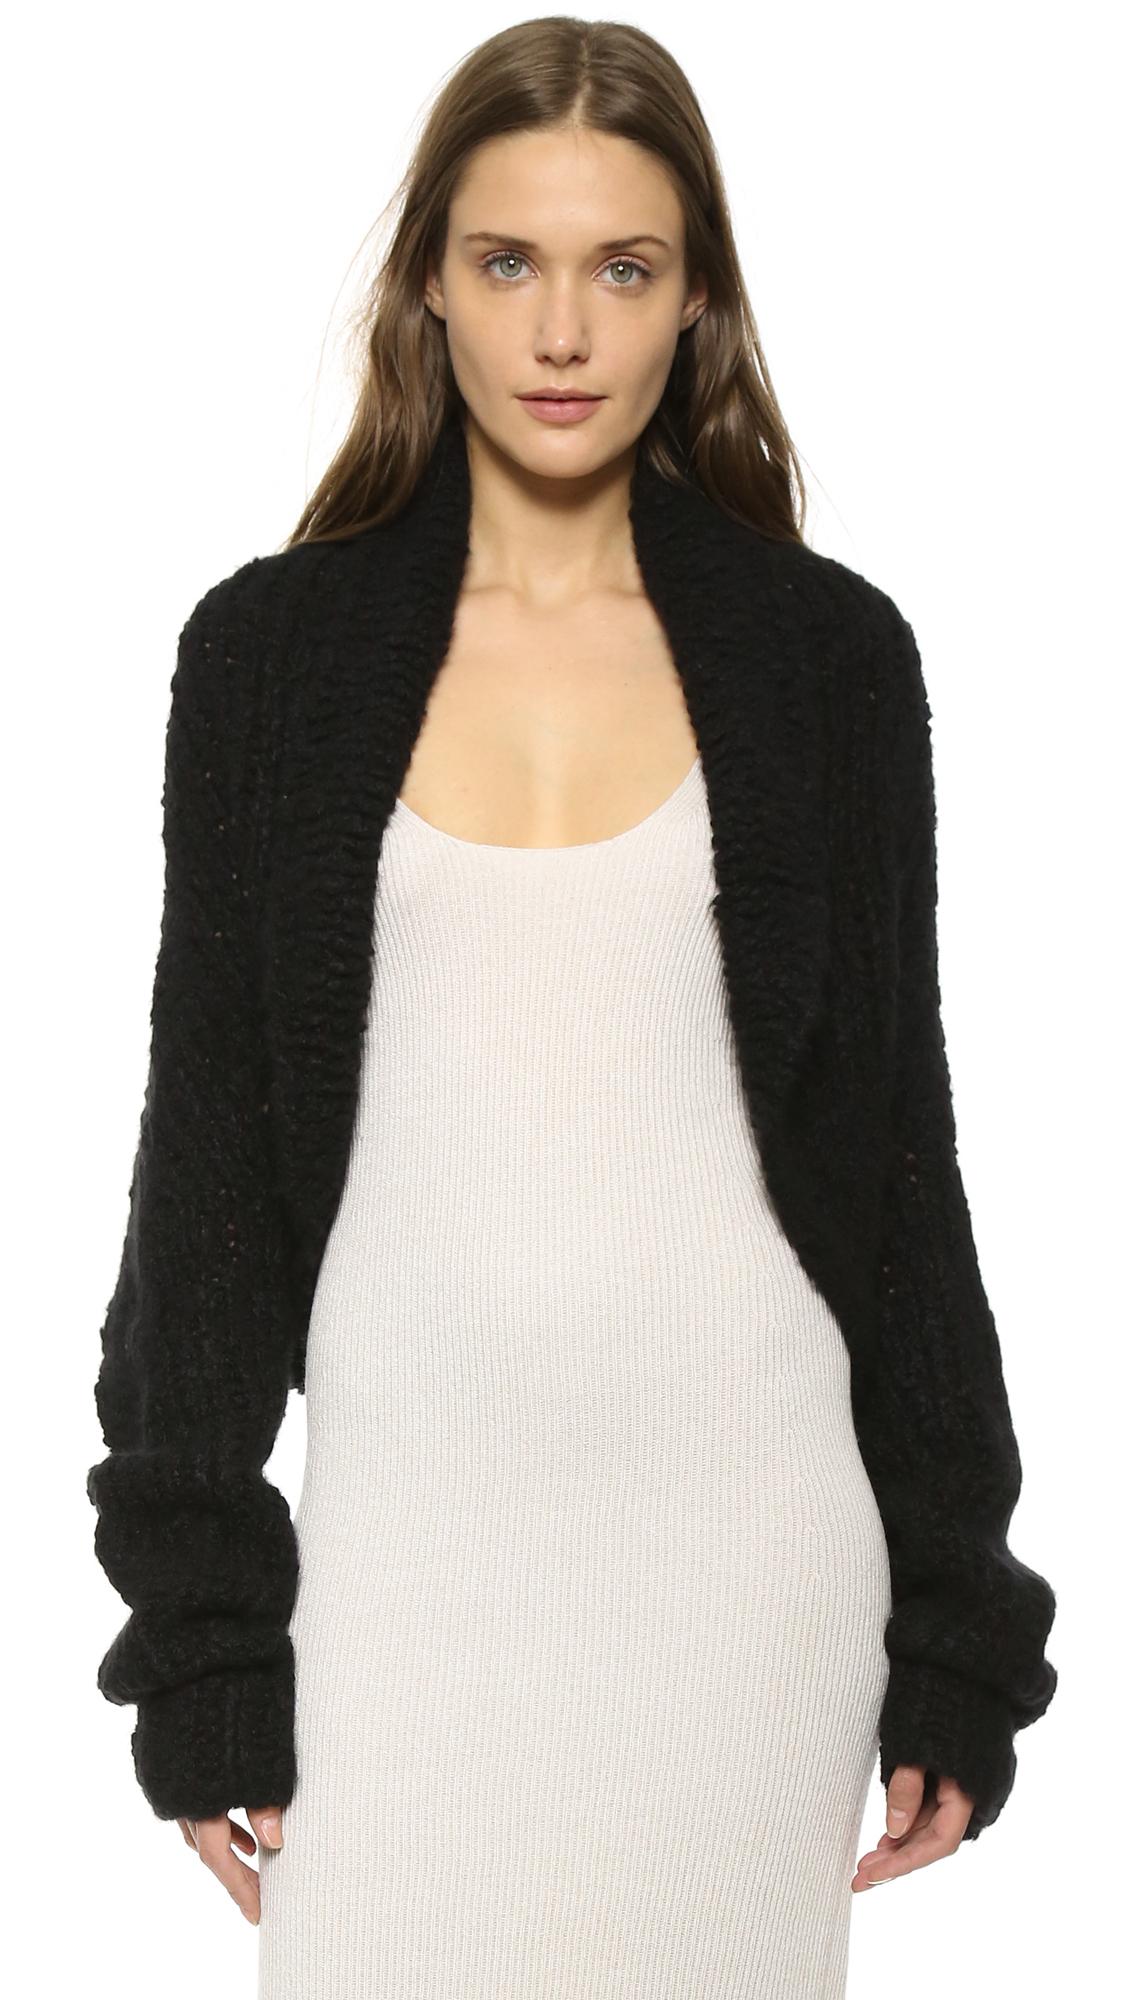 donna karan cashmere shrug cardigan black in black lyst. Black Bedroom Furniture Sets. Home Design Ideas